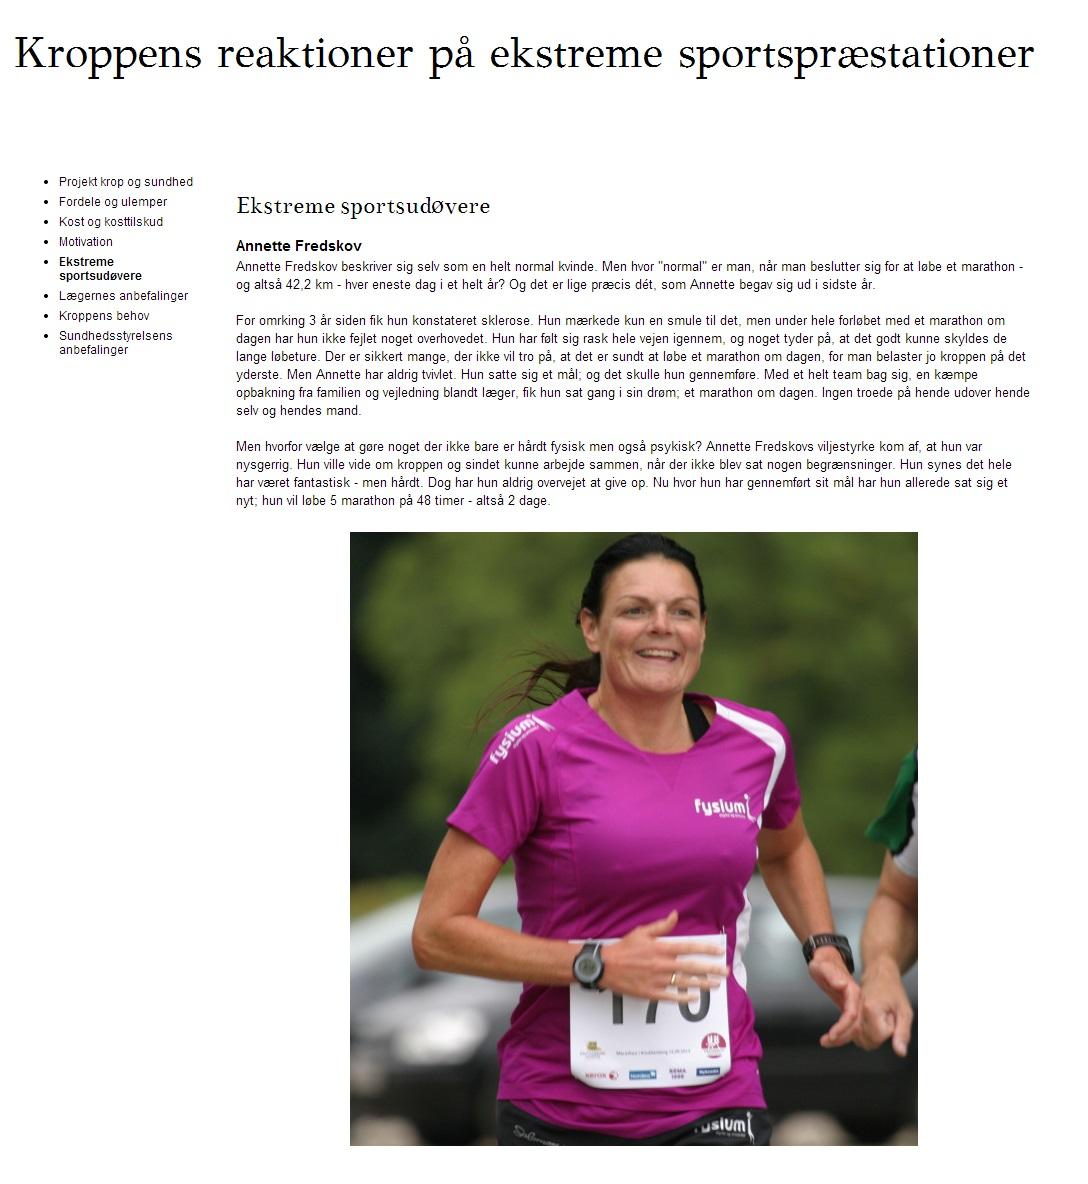 projektkropogsundhed.blogspot.dk 2014.04